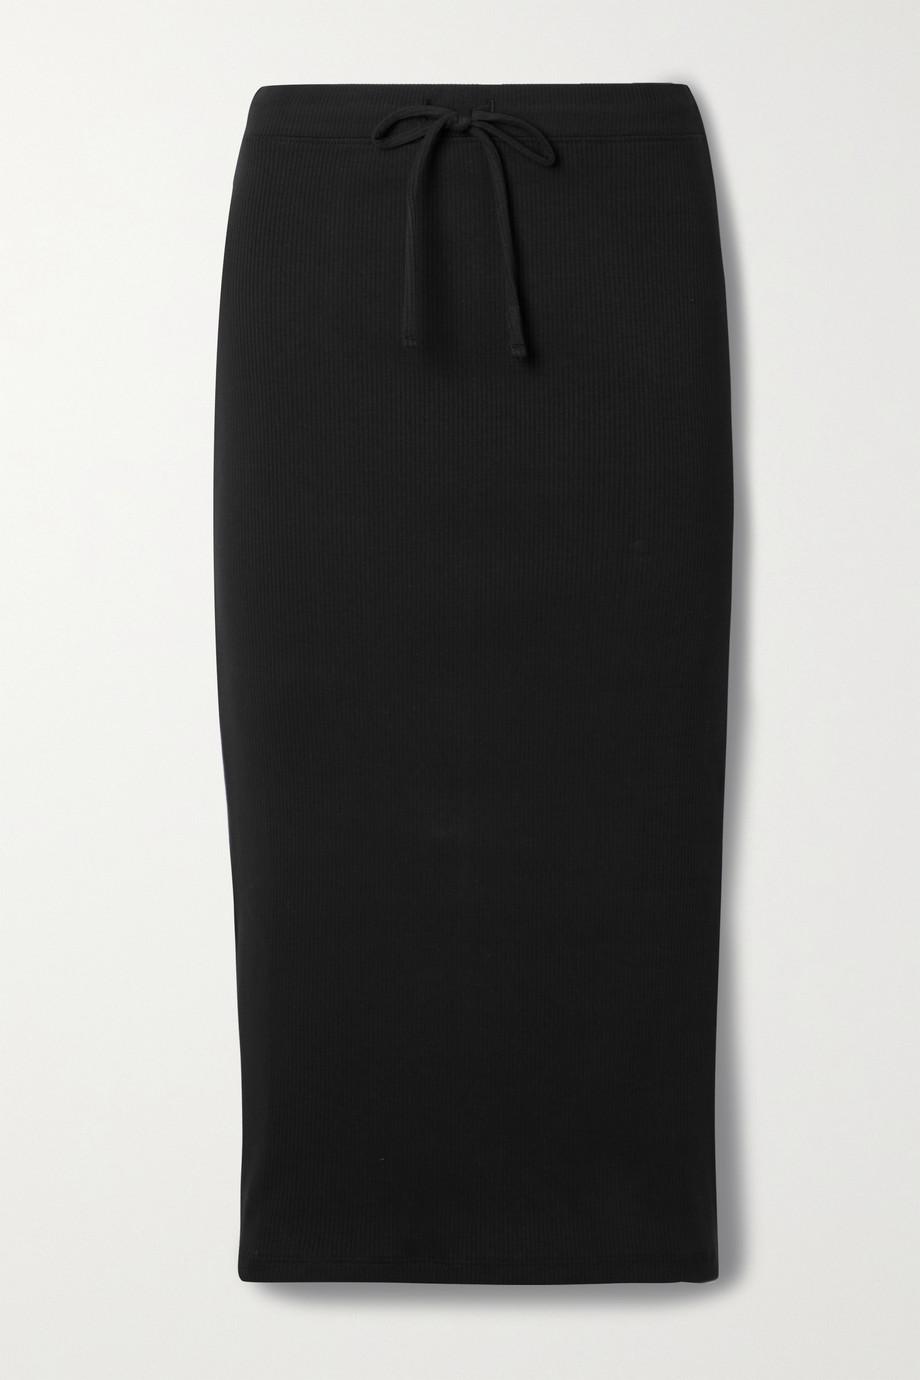 Skin + NET SUSTAIN Imani Rock aus geripptem Bio-Pima-Baumwoll-Jersey mit Stretch-Anteil